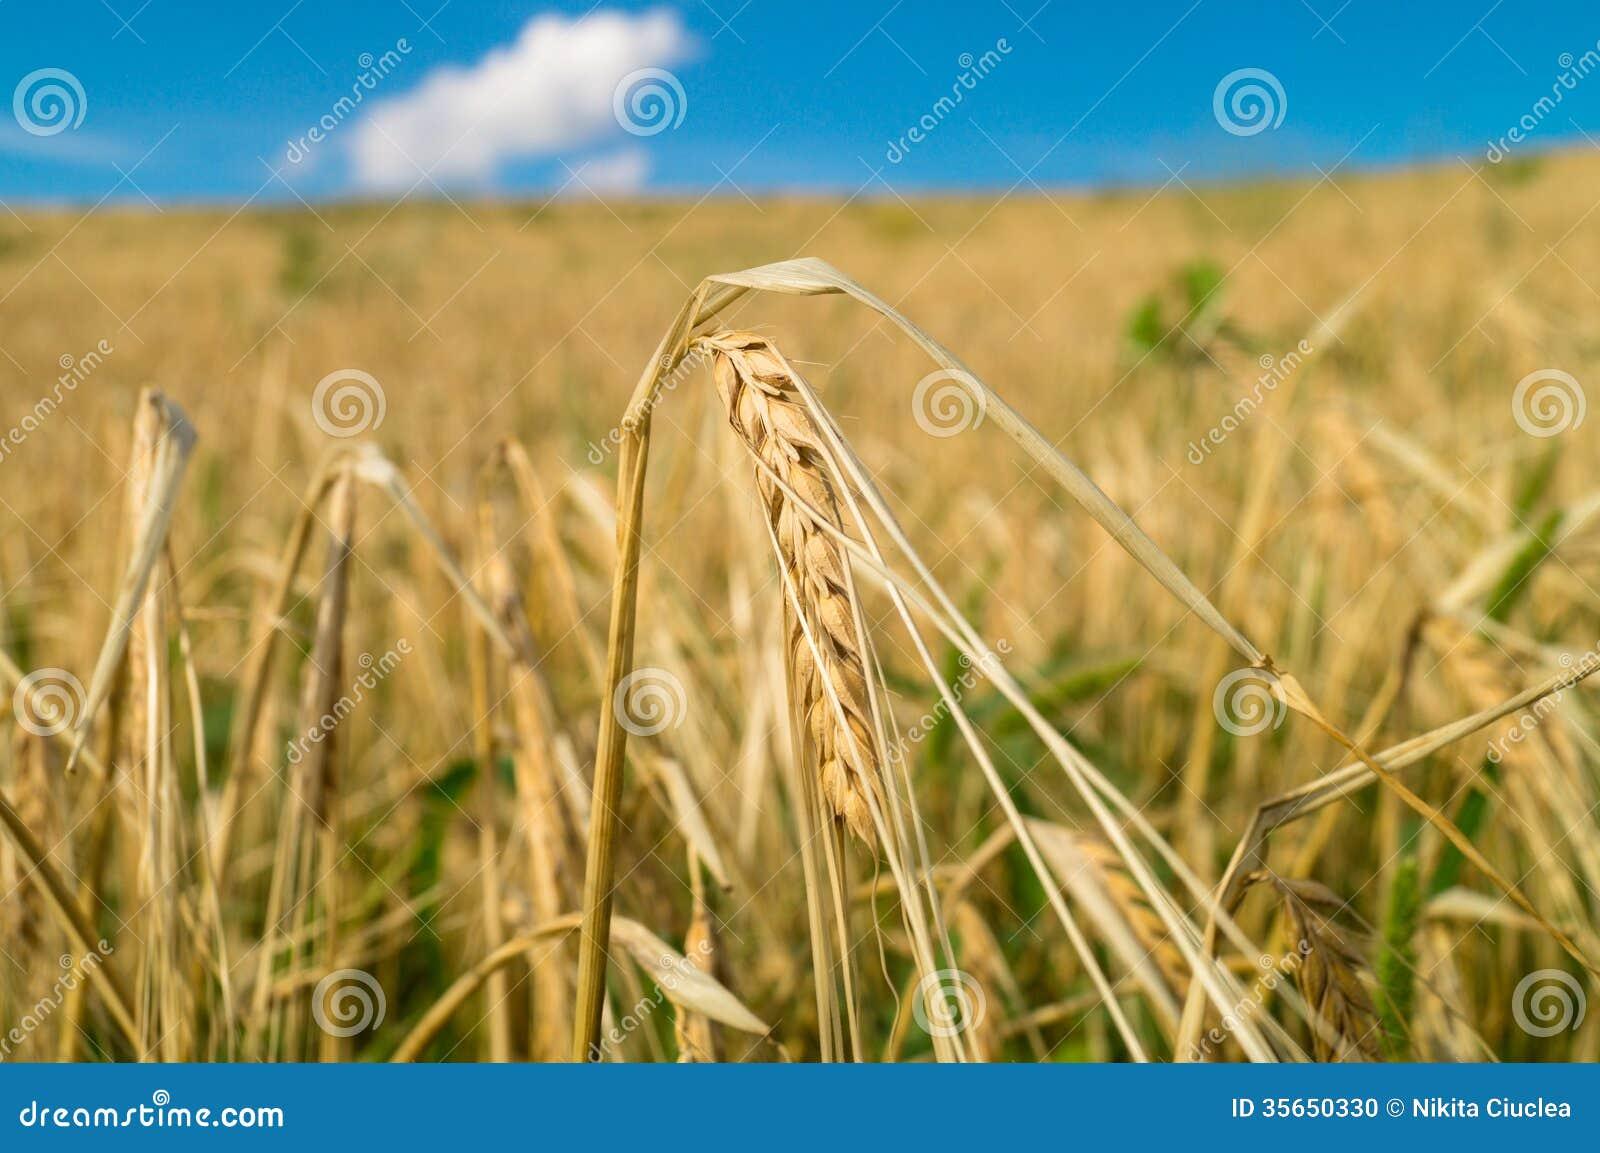 Ухо пшеницы в поле